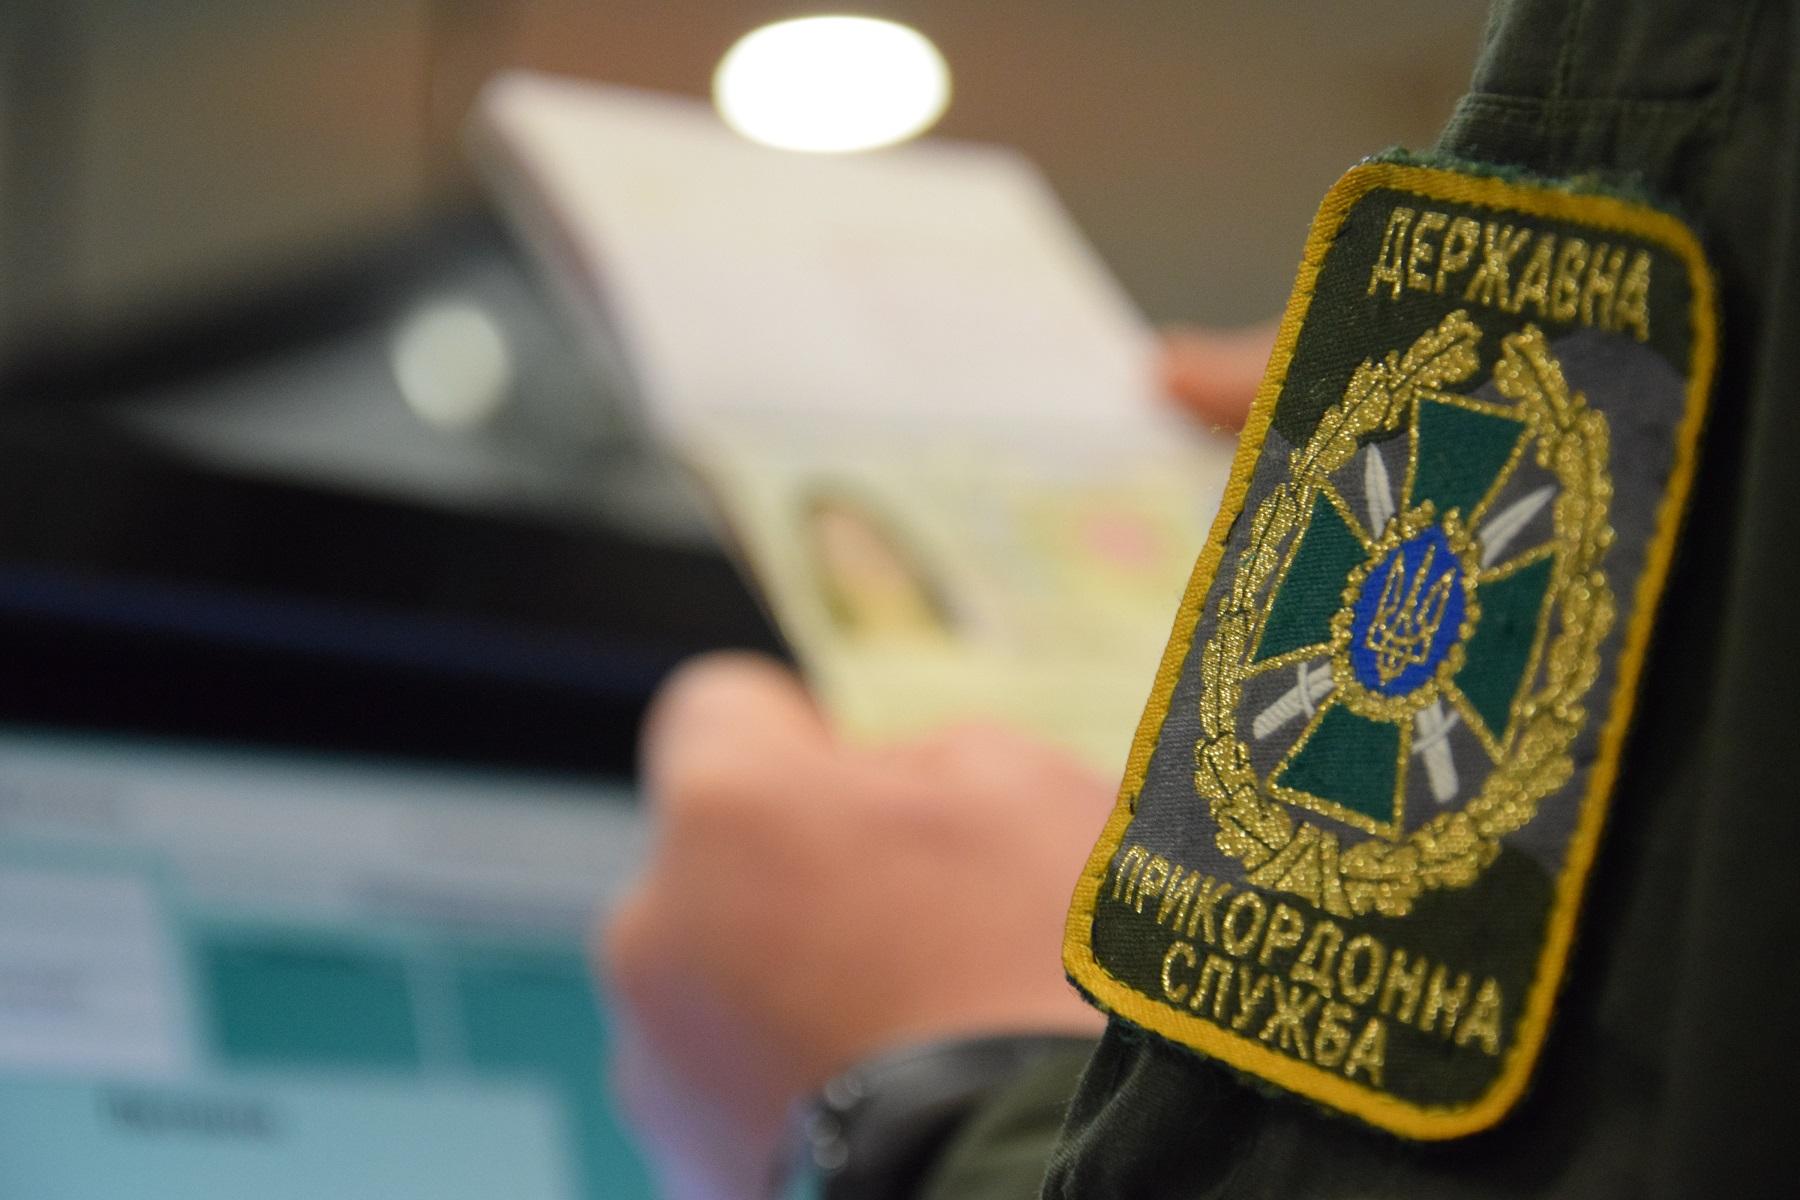 ВІДЕО) Російській блогерці проставили заборону в'їзду в Україну на ...